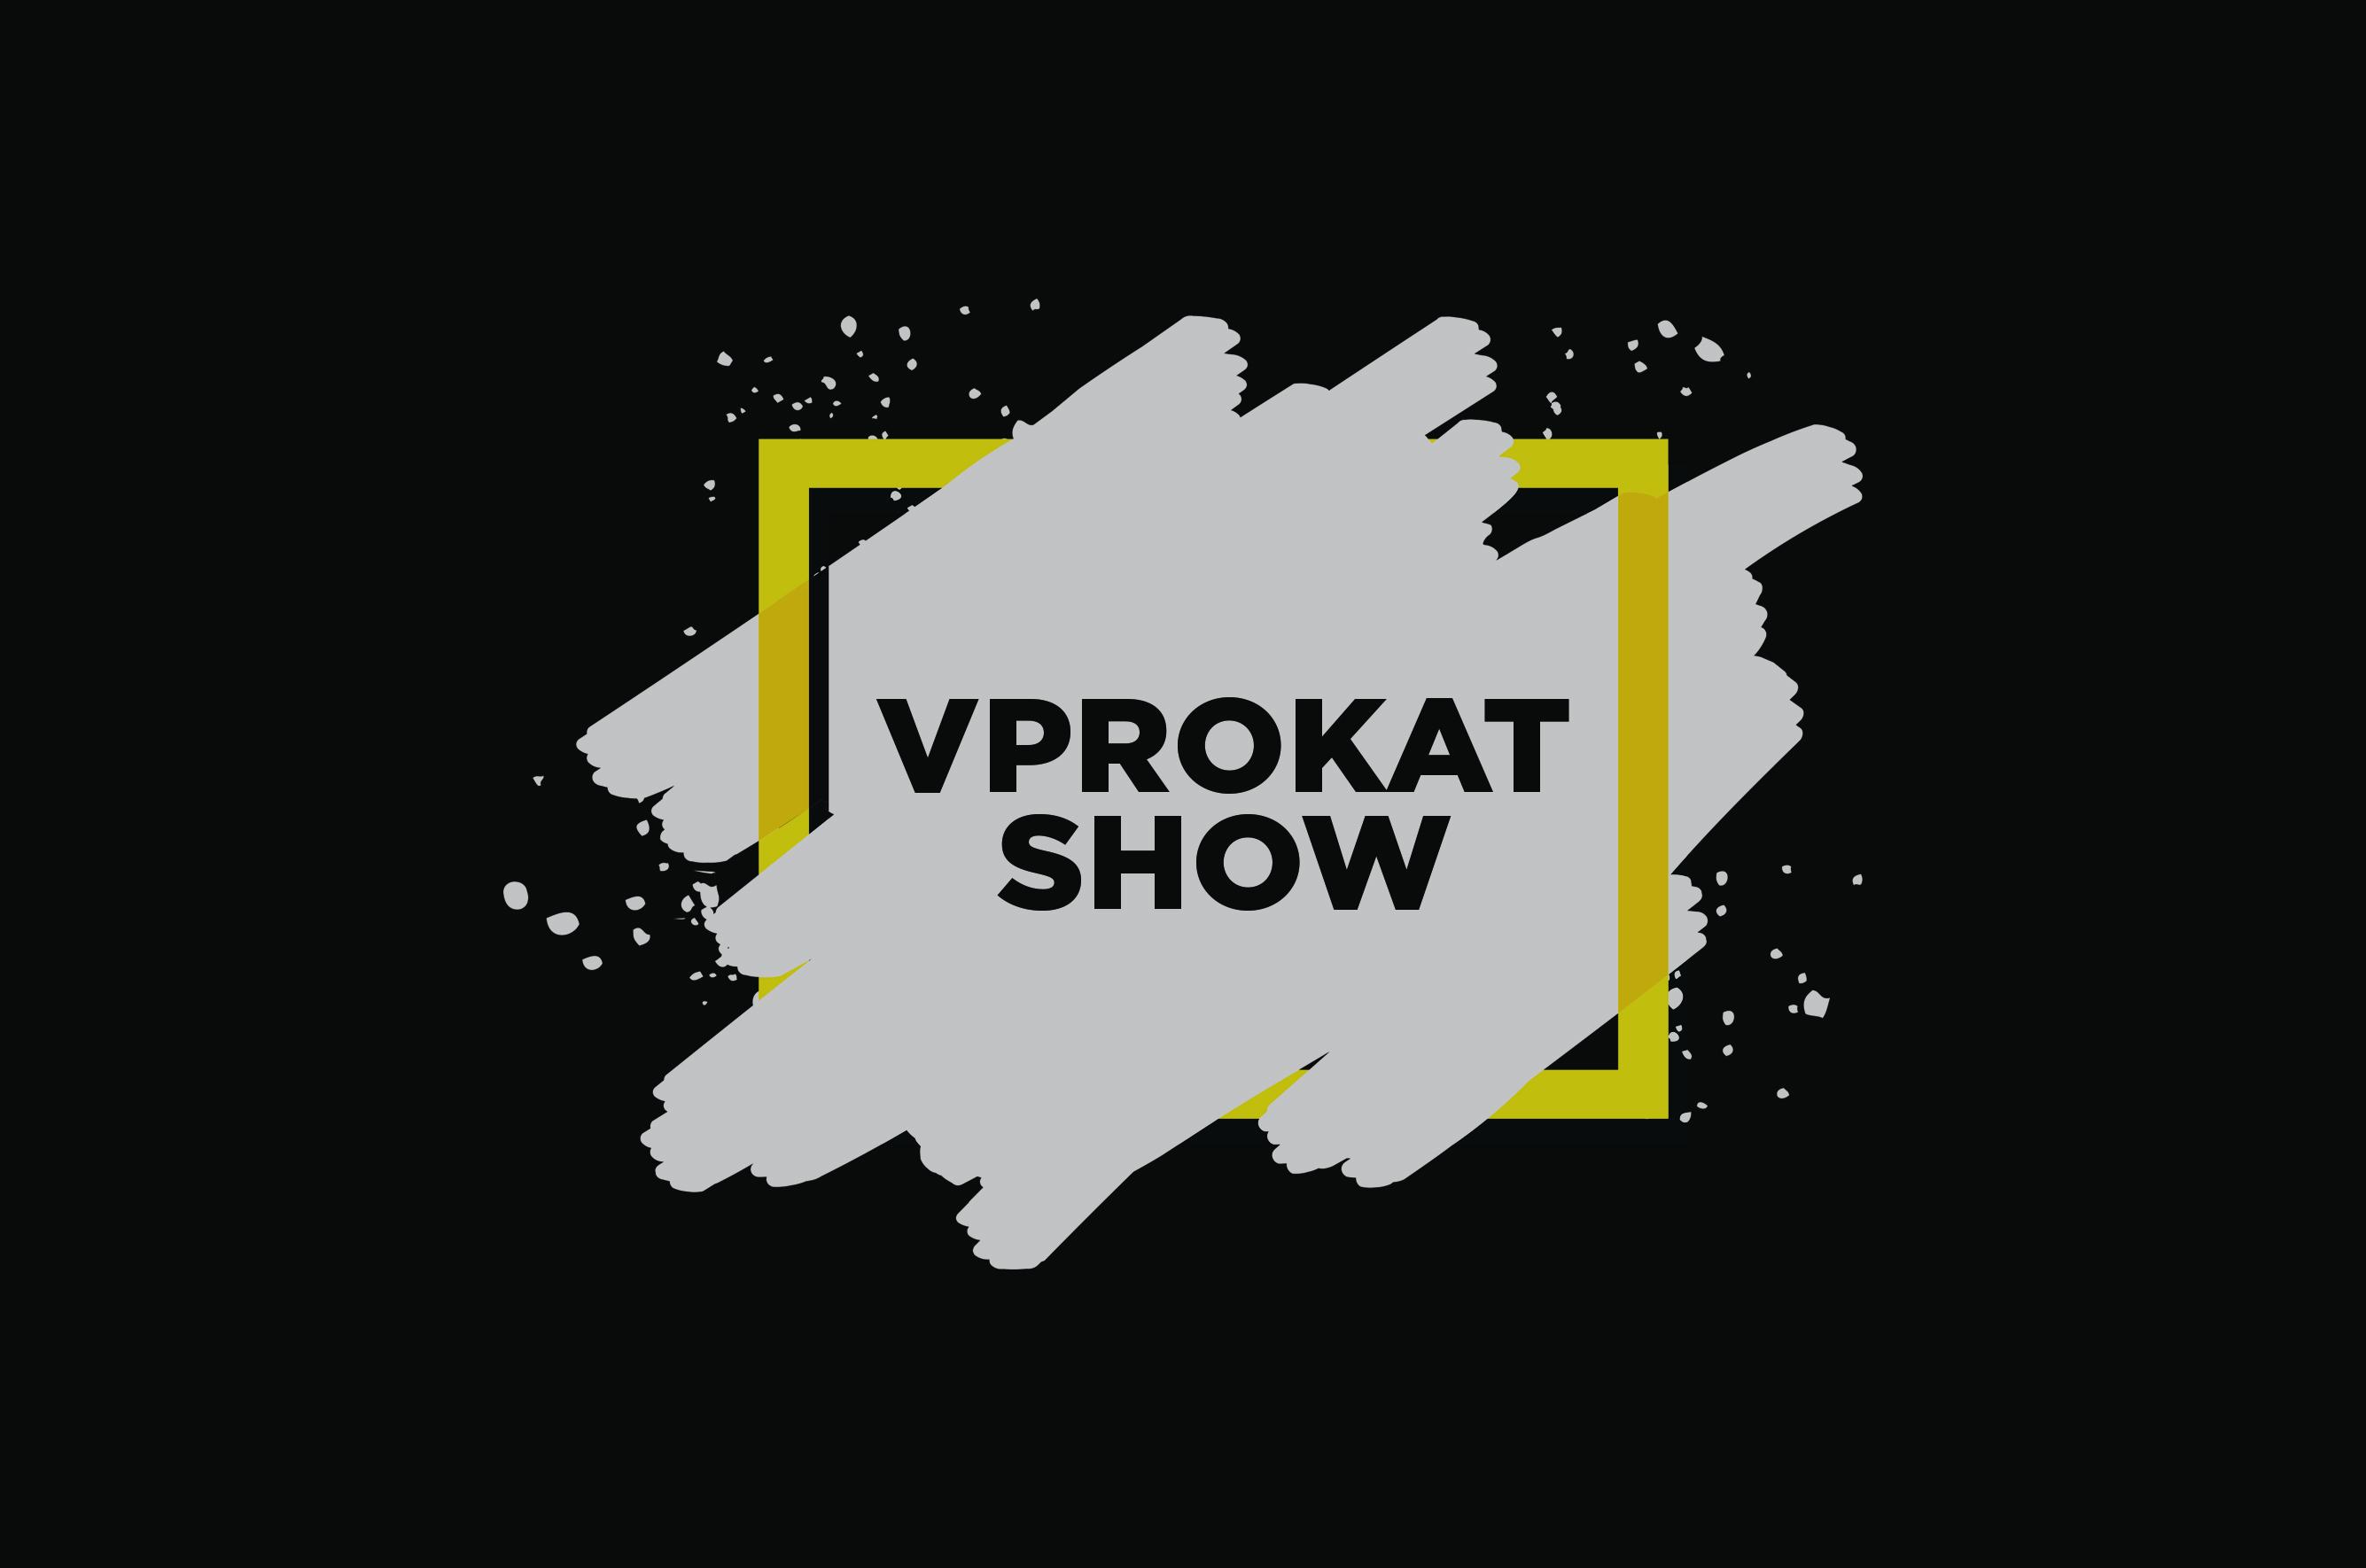 Vprokat-show